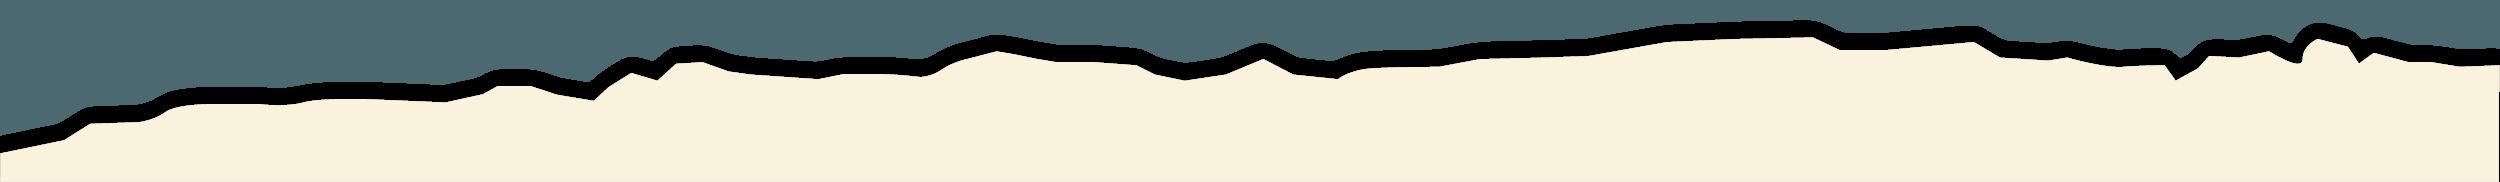 arborator-denim-company-maastricht-haarlem-gescheurde-rand-boven-geel-v2